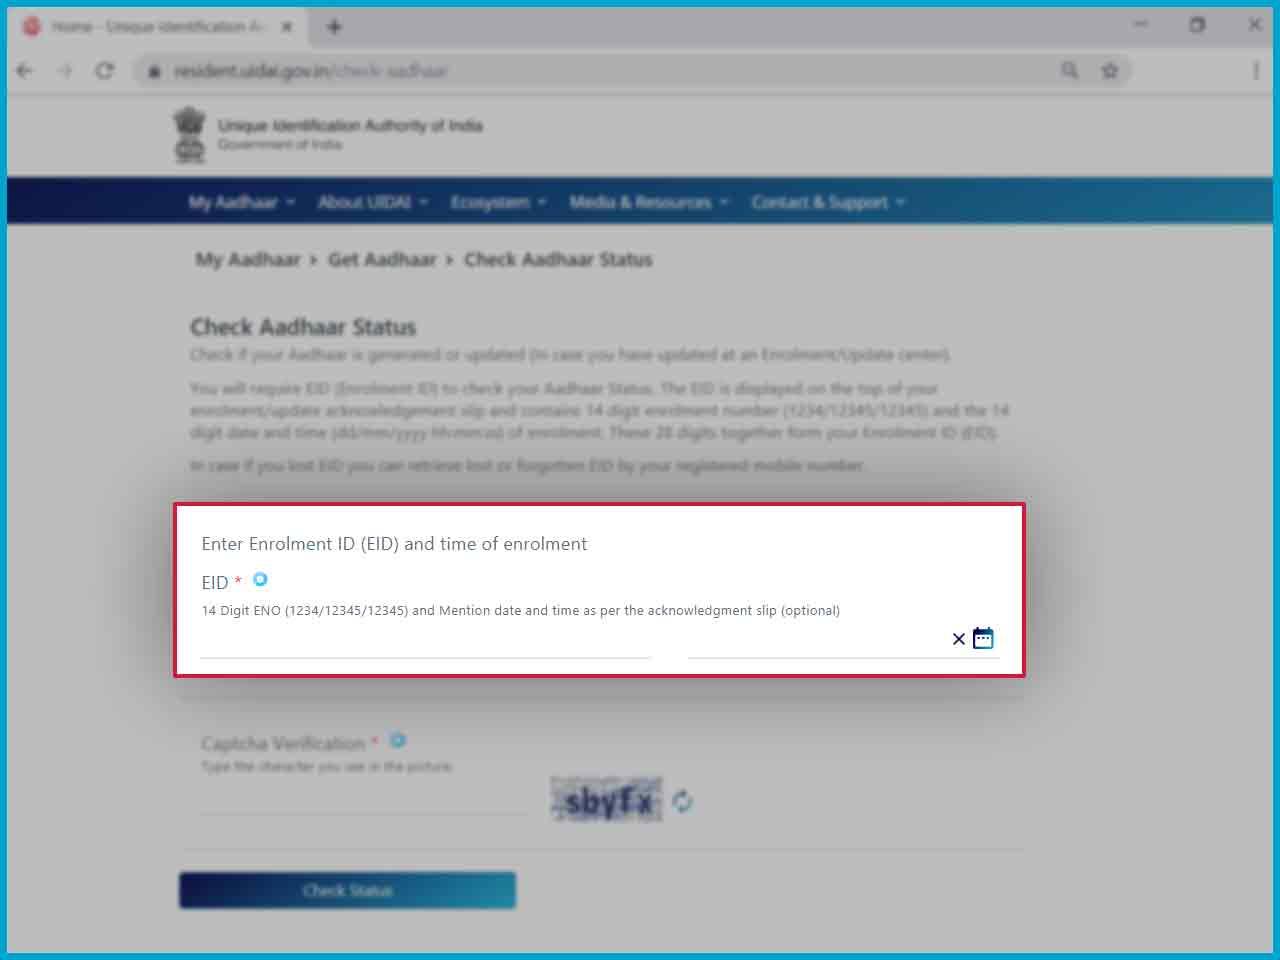 check aadhaar card status online  know your aadhaar status